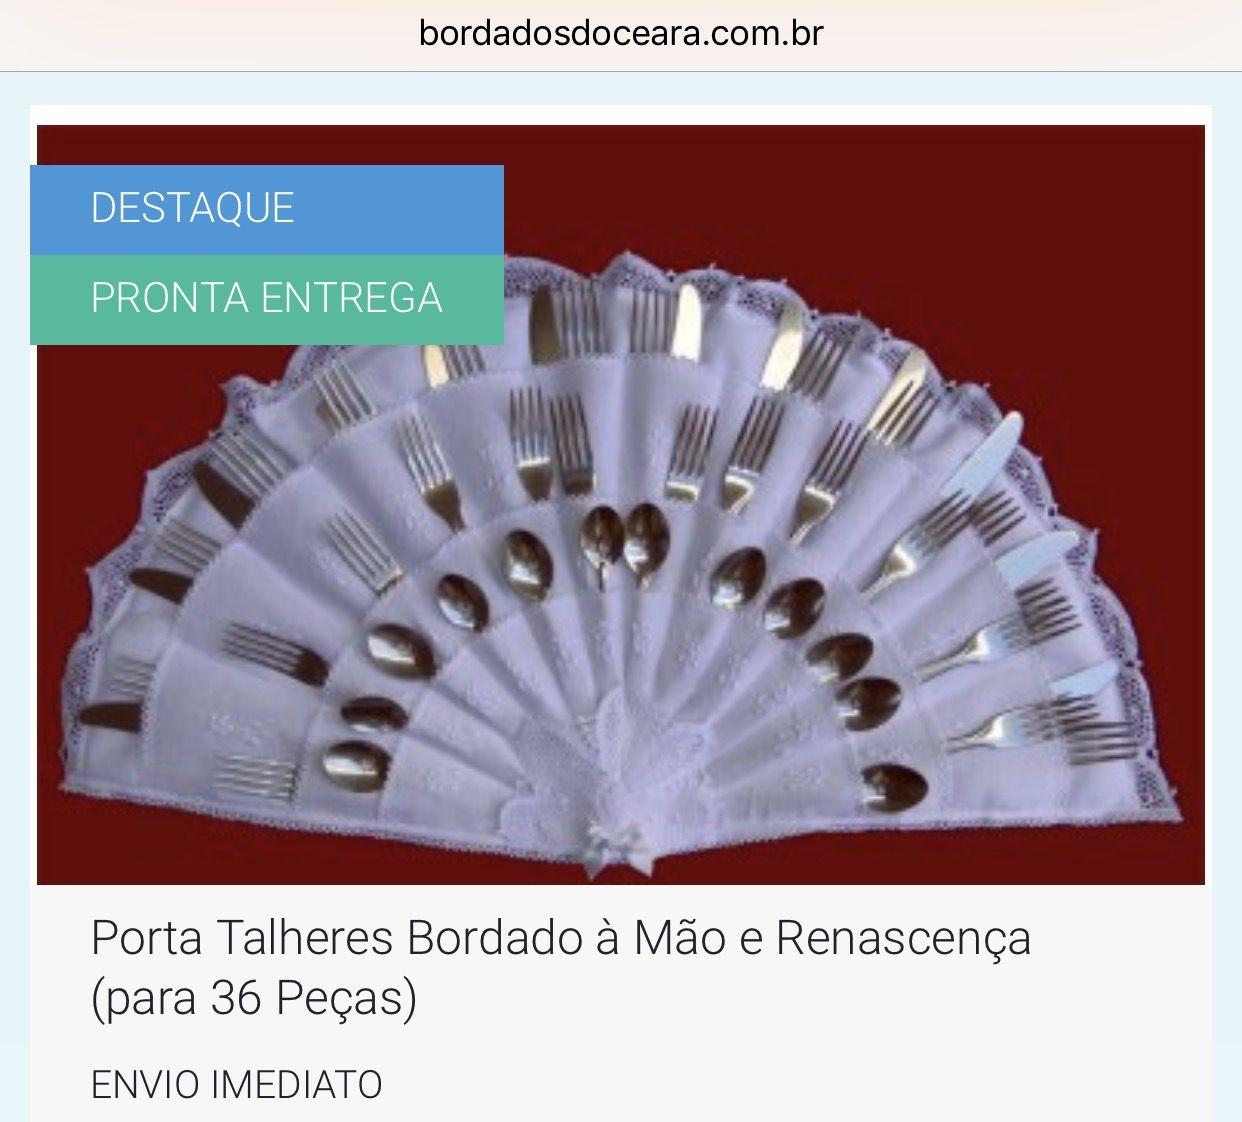 👉 ENVIO IMEDIATO 📦 / PRONTA ENTREGA  👉 PORTA TALHERES BORDADO À MÃO E RENASCENÇA (PARA 36 PEÇAS). 👉 Tam. 60 x 36cm. 👉 Capacidade para 36 Peças. 👉 Bordado à Mão. 👉 Detalhe em Renda Renascença. 👉 100% Artesanal, bordado a mão.   📱 WhatsApp 85 98959.9107 💻 http://www.bordadosdoceara.com.br/produtos/mesa/porta-talheres-bordado-a-mao-e-renascenca-para-36-pecas-detail.html